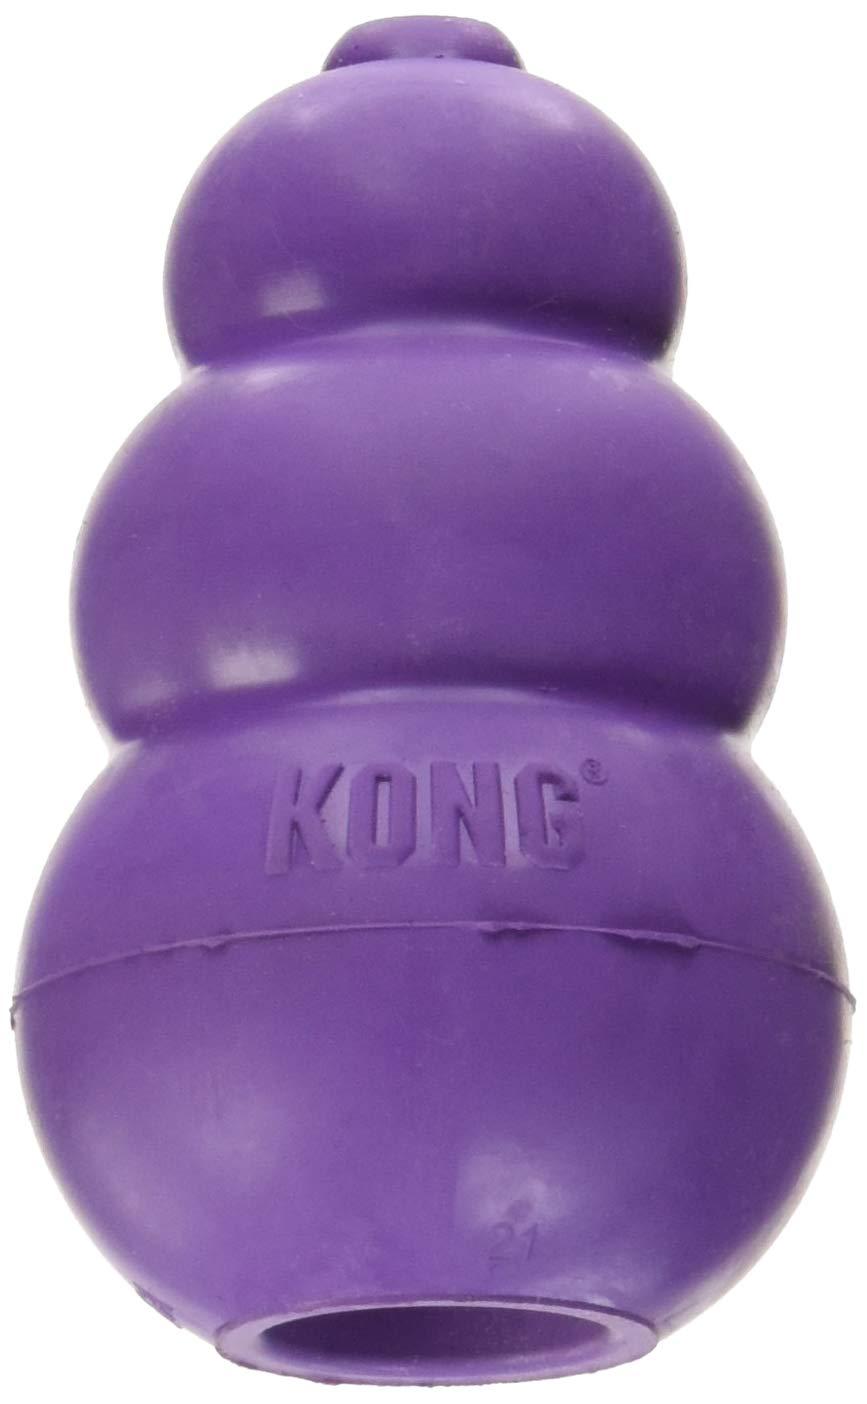 Kong Senior Jouet pour Chien Taille M KN2